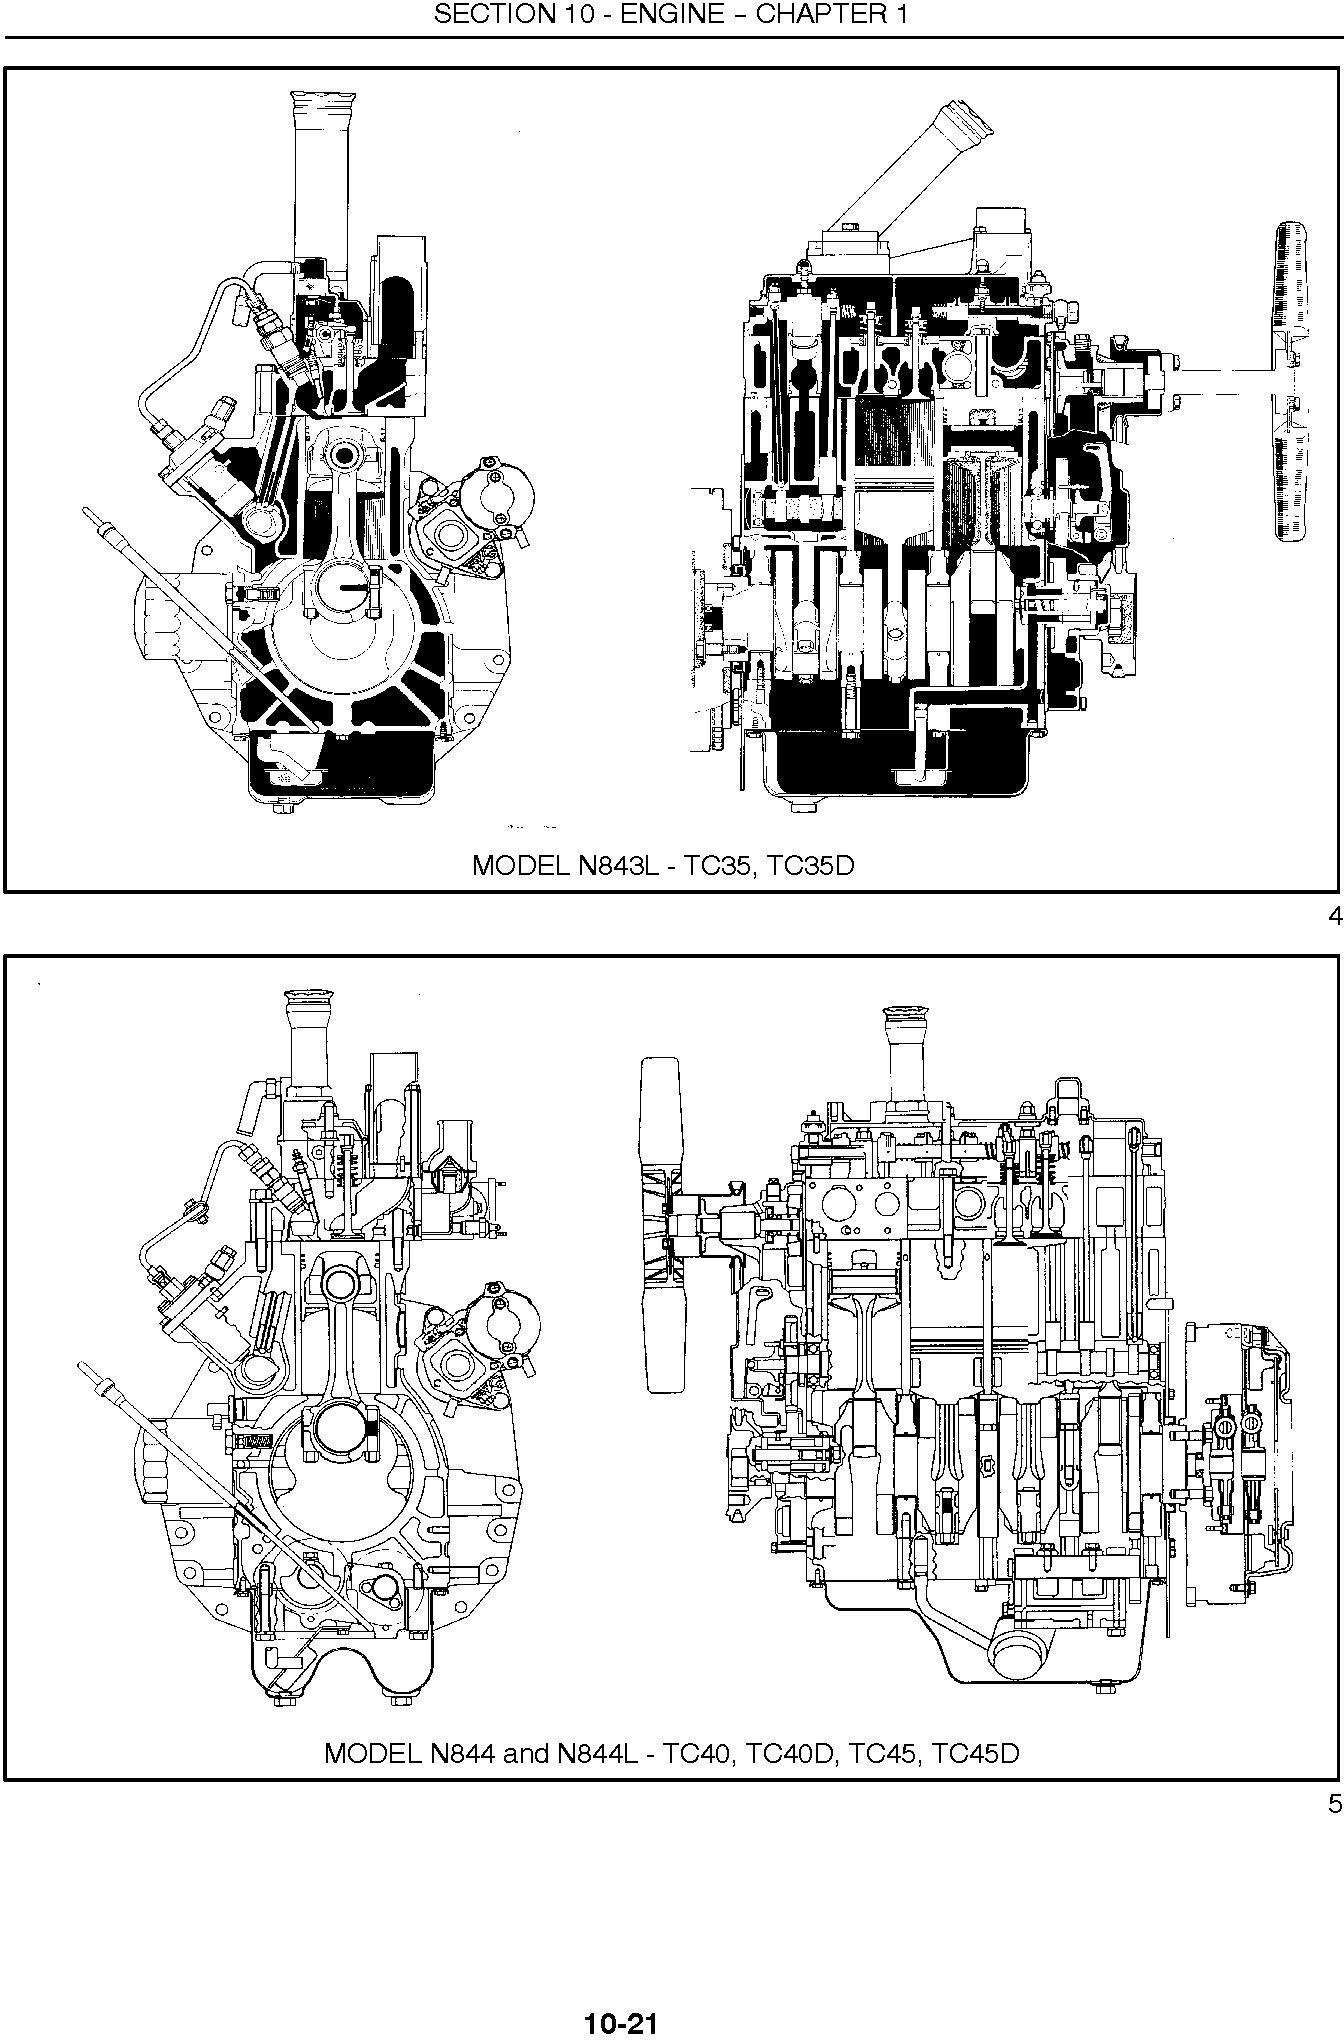 New Holland TC35, TC35D, TC40, TC40D, TC45, TC45D Tractor Complete Service Manual - 1